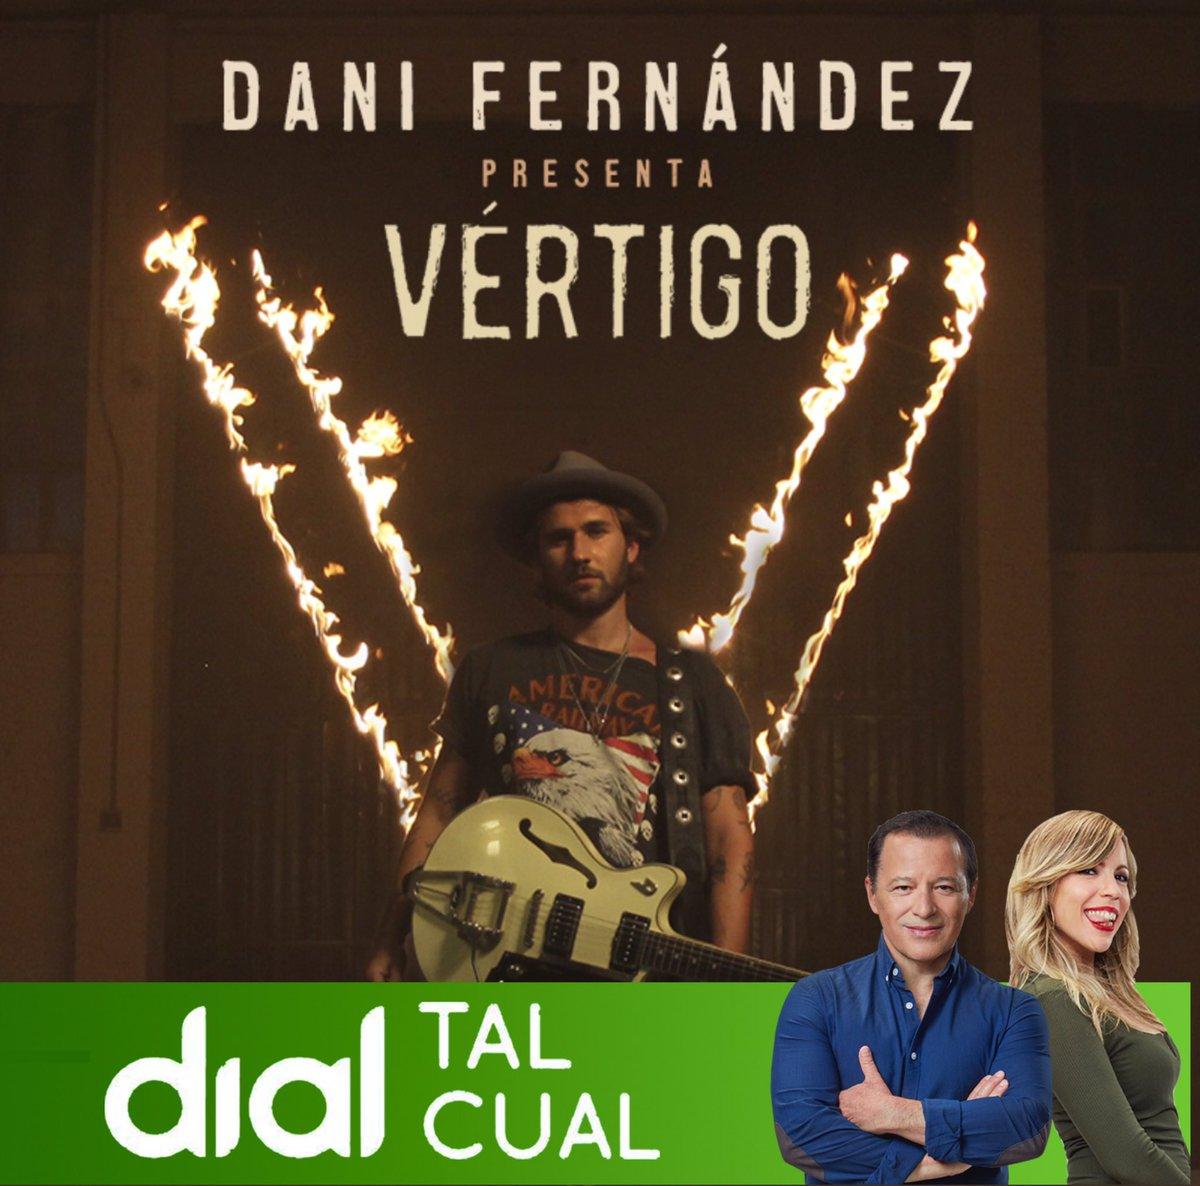 Este sábado no te pierdas en @Dialtalcual como suena lo nuevo de @DaniFdez Que pasada como suena! Cuéntanos si te ha gustado con HT #EscuchoDialTalCual @PatriciaImaz @Cadena_Dial https://t.co/C3xmtrlOcP